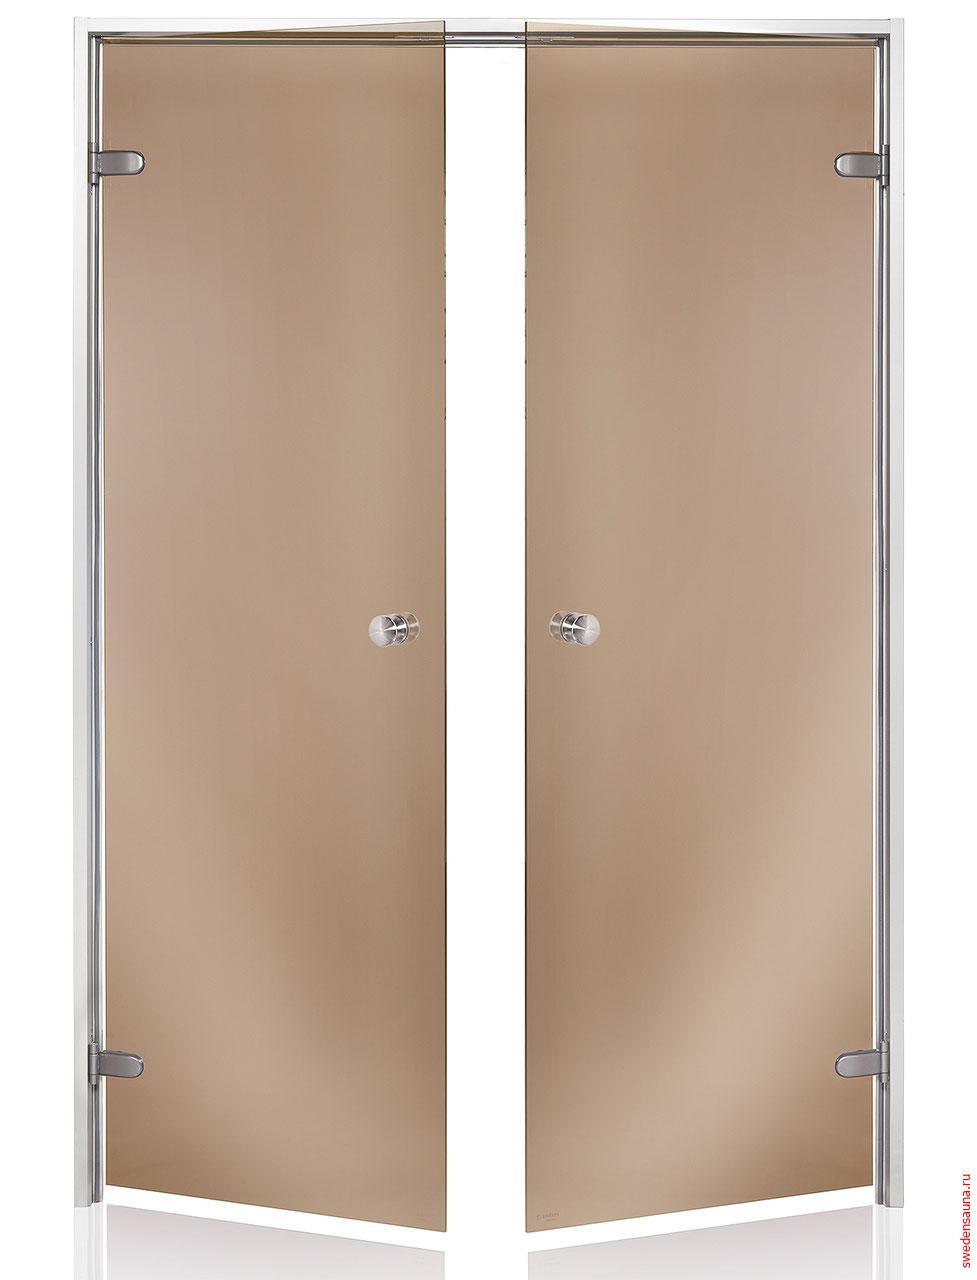 Дверь двойная Harvia ALU 15×21 стекло бронза - фото, описание, отзывы.